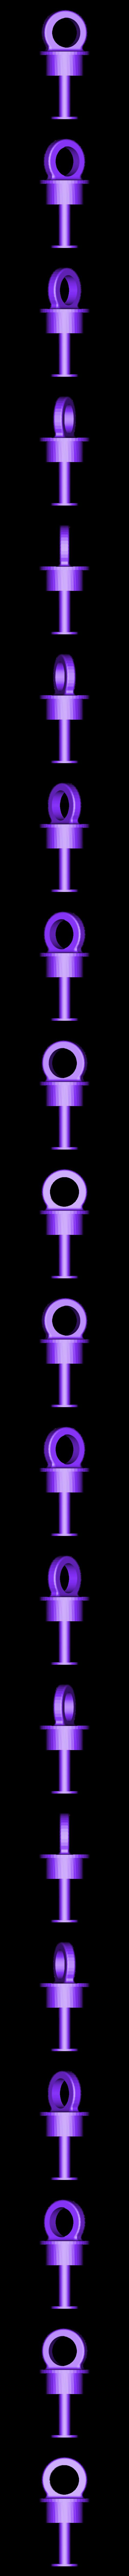 crochet.stl Télécharger fichier STL gratuit Boule de Noël • Design à imprimer en 3D, Luci